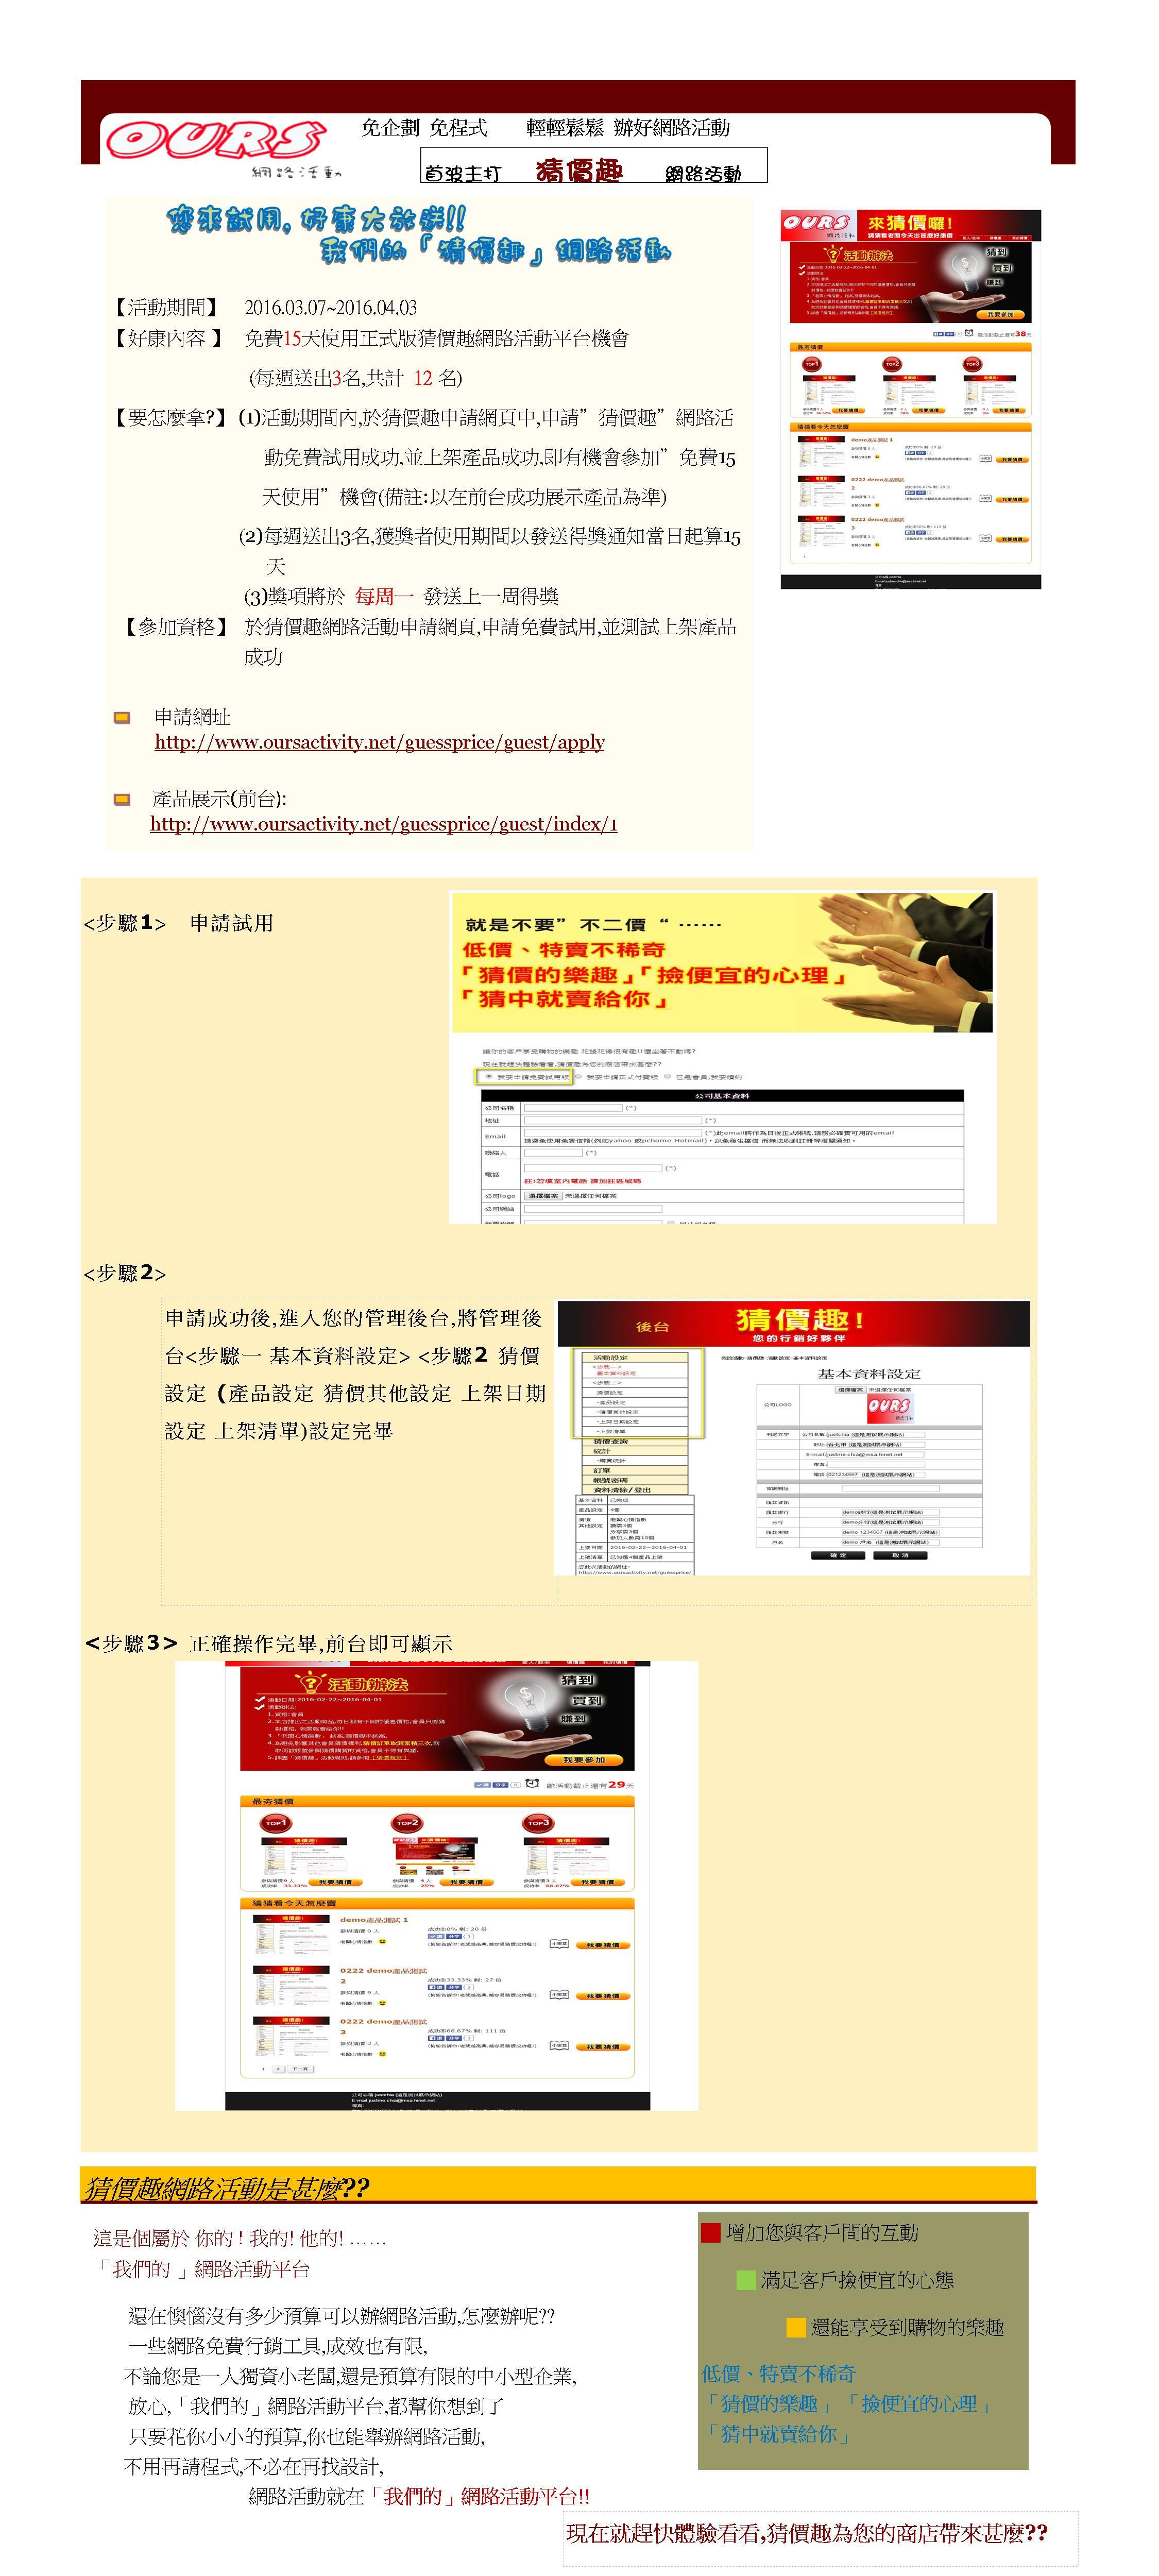 ** 邀請您免費試用 您不必請企劃 不必請程式 輕鬆舉辦網路活動   Chia 網站規劃(企劃)